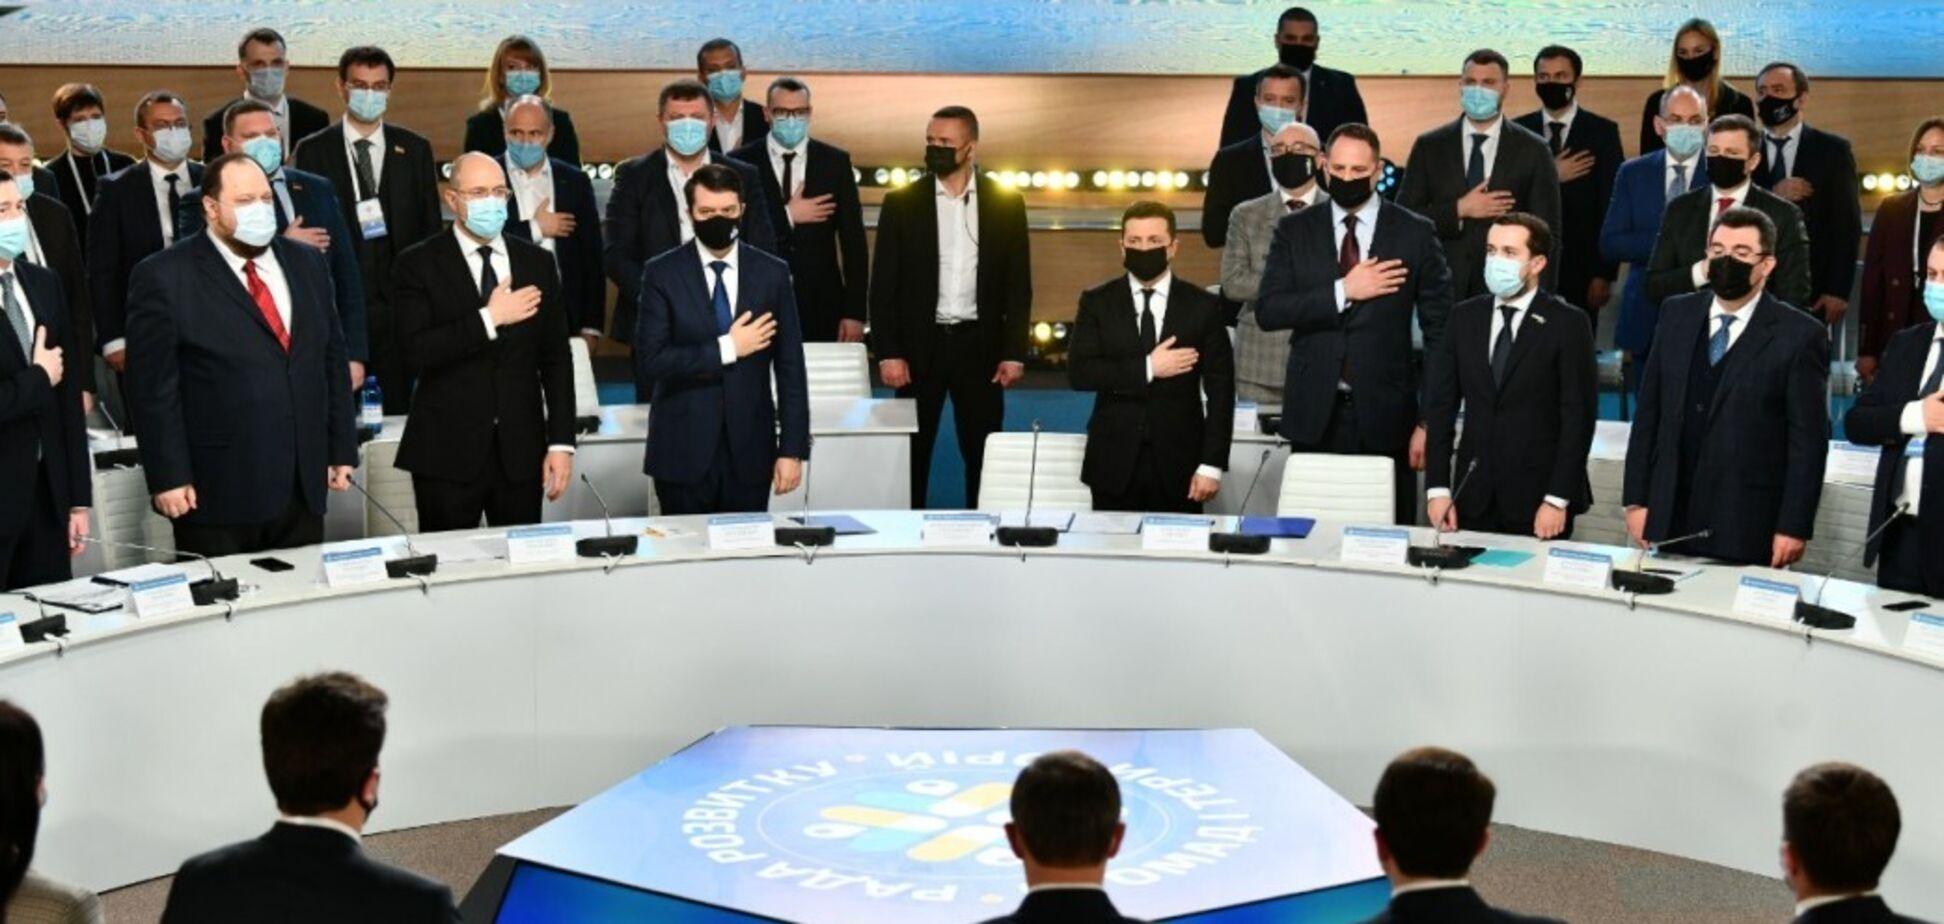 Всеукраинский форум 'Украина 30'